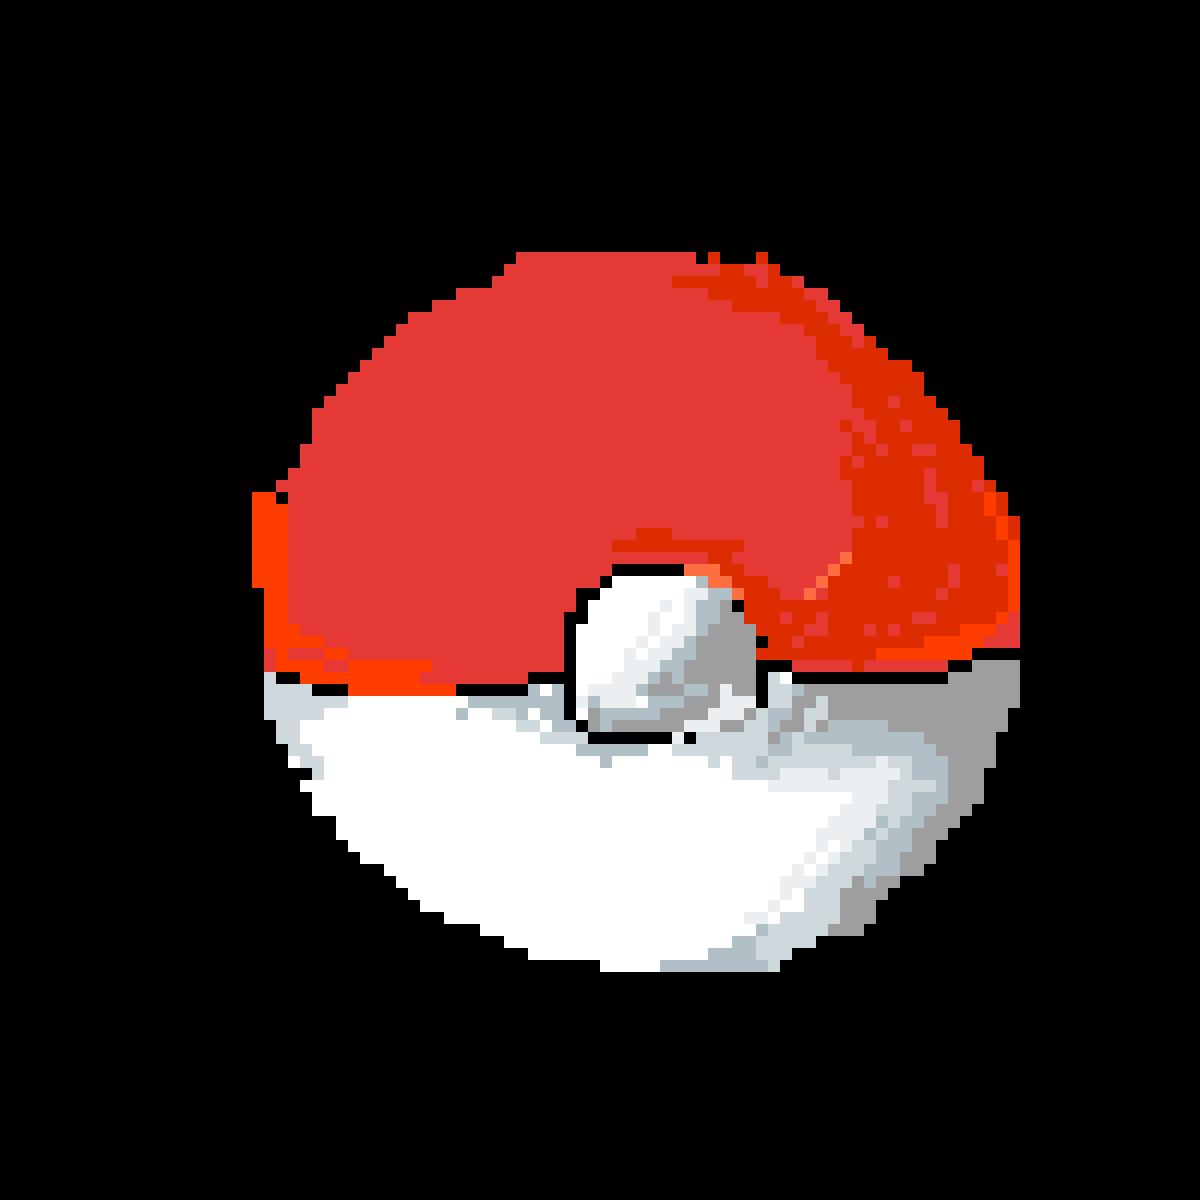 Pokeball by moonlanesan